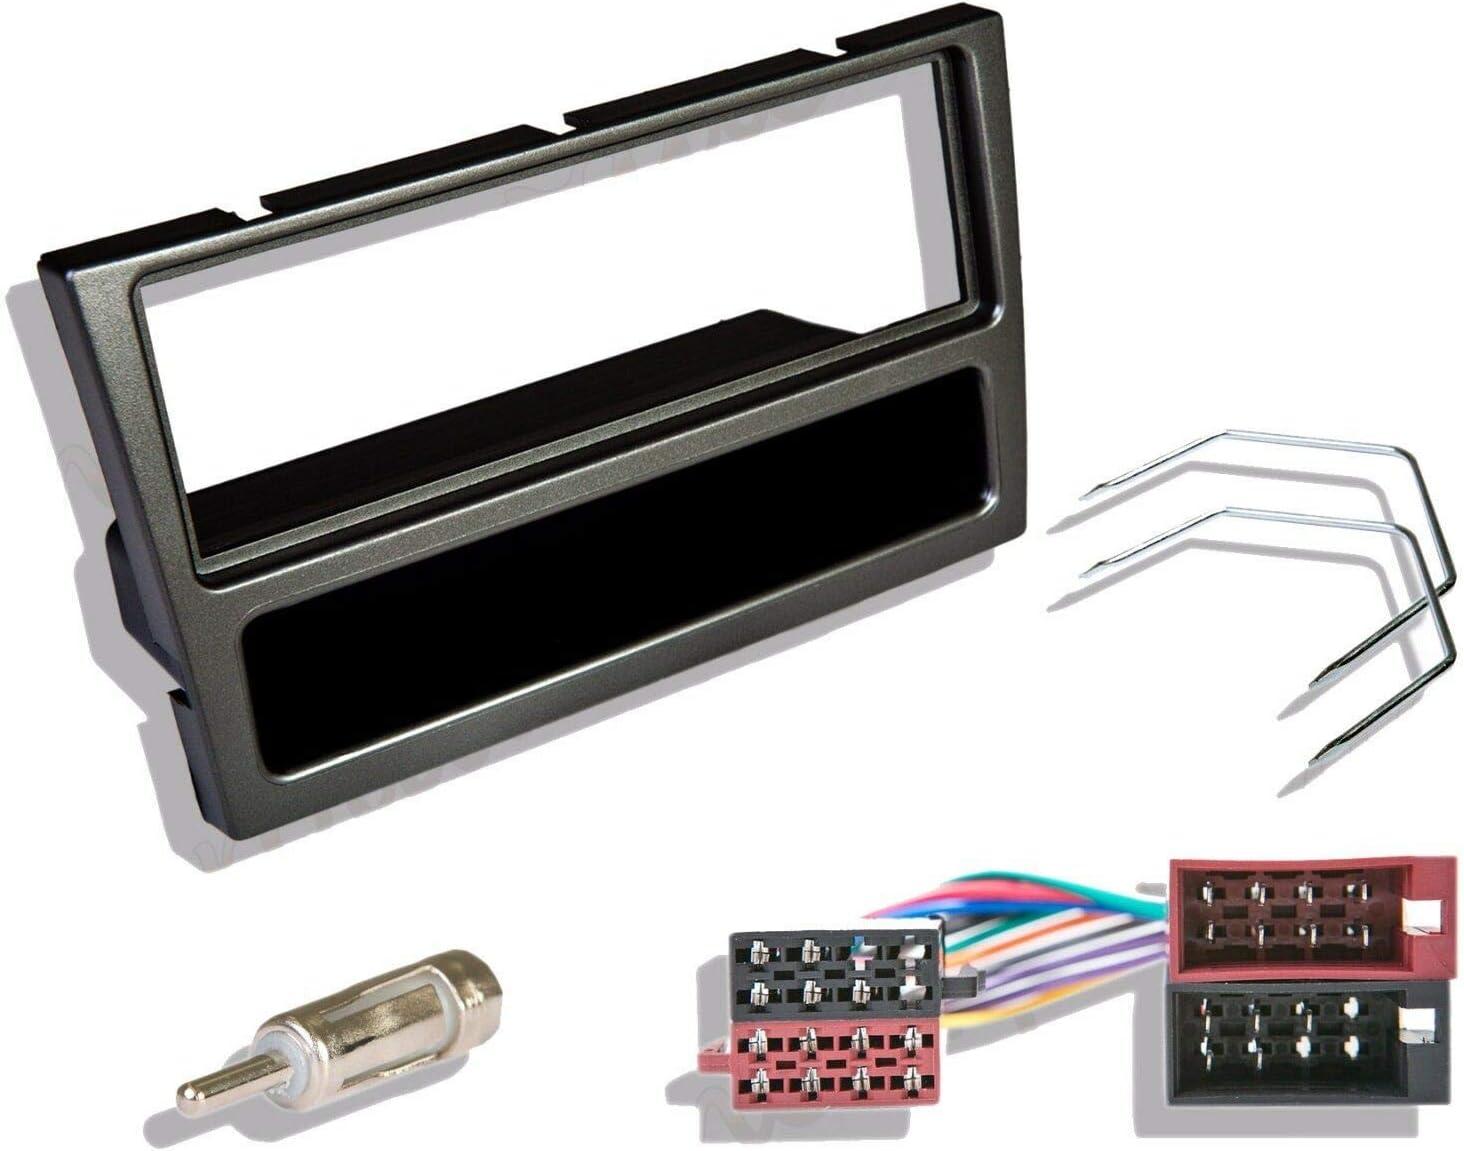 Kit de montaje de adaptador de salpicadero para radio estéreo y CD ...